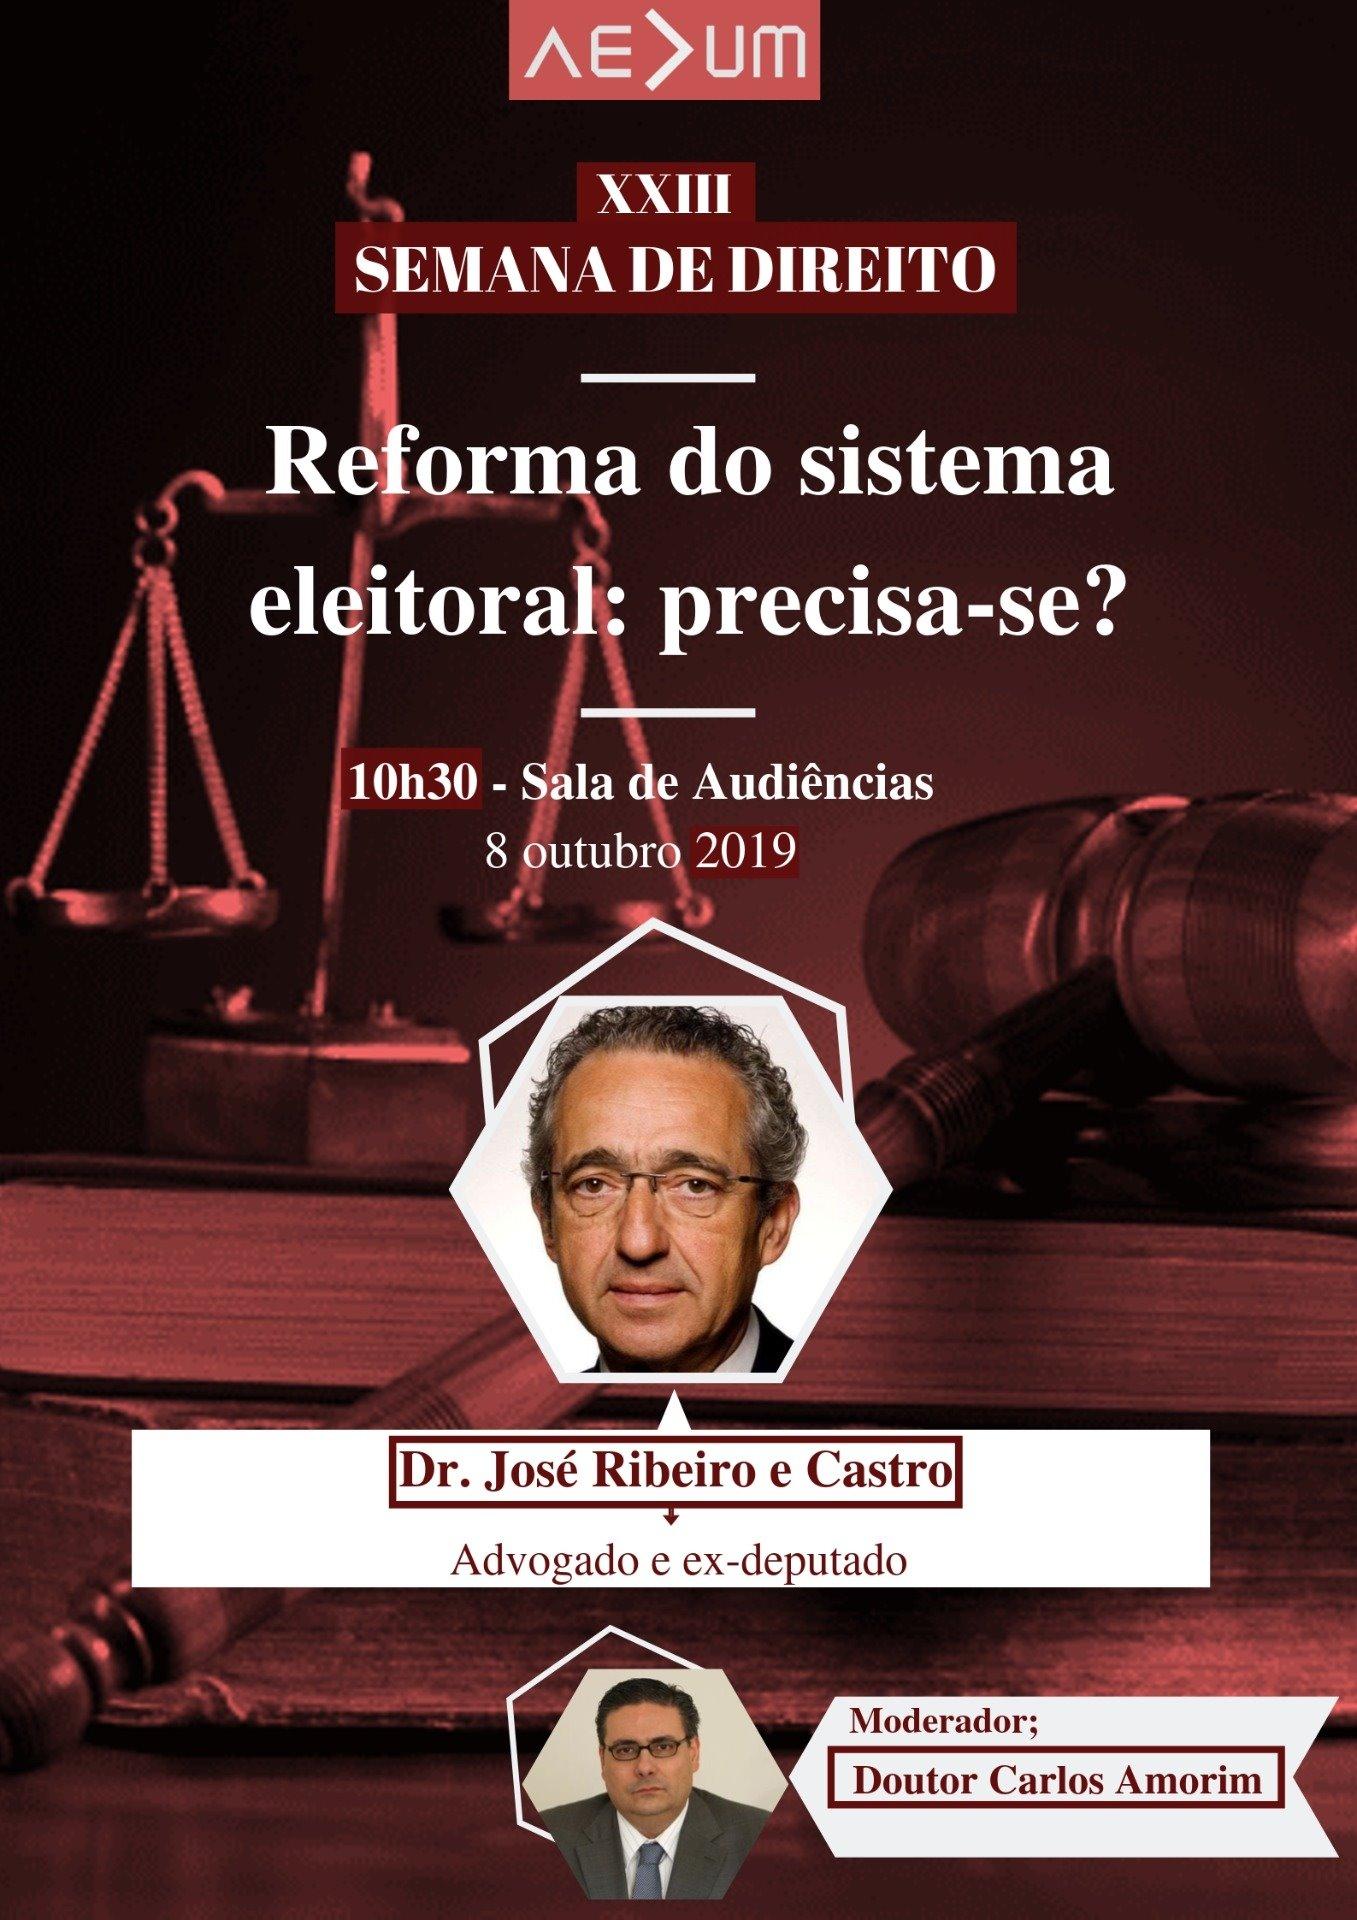 Reforma do sistema eleitoral: precisa-se?